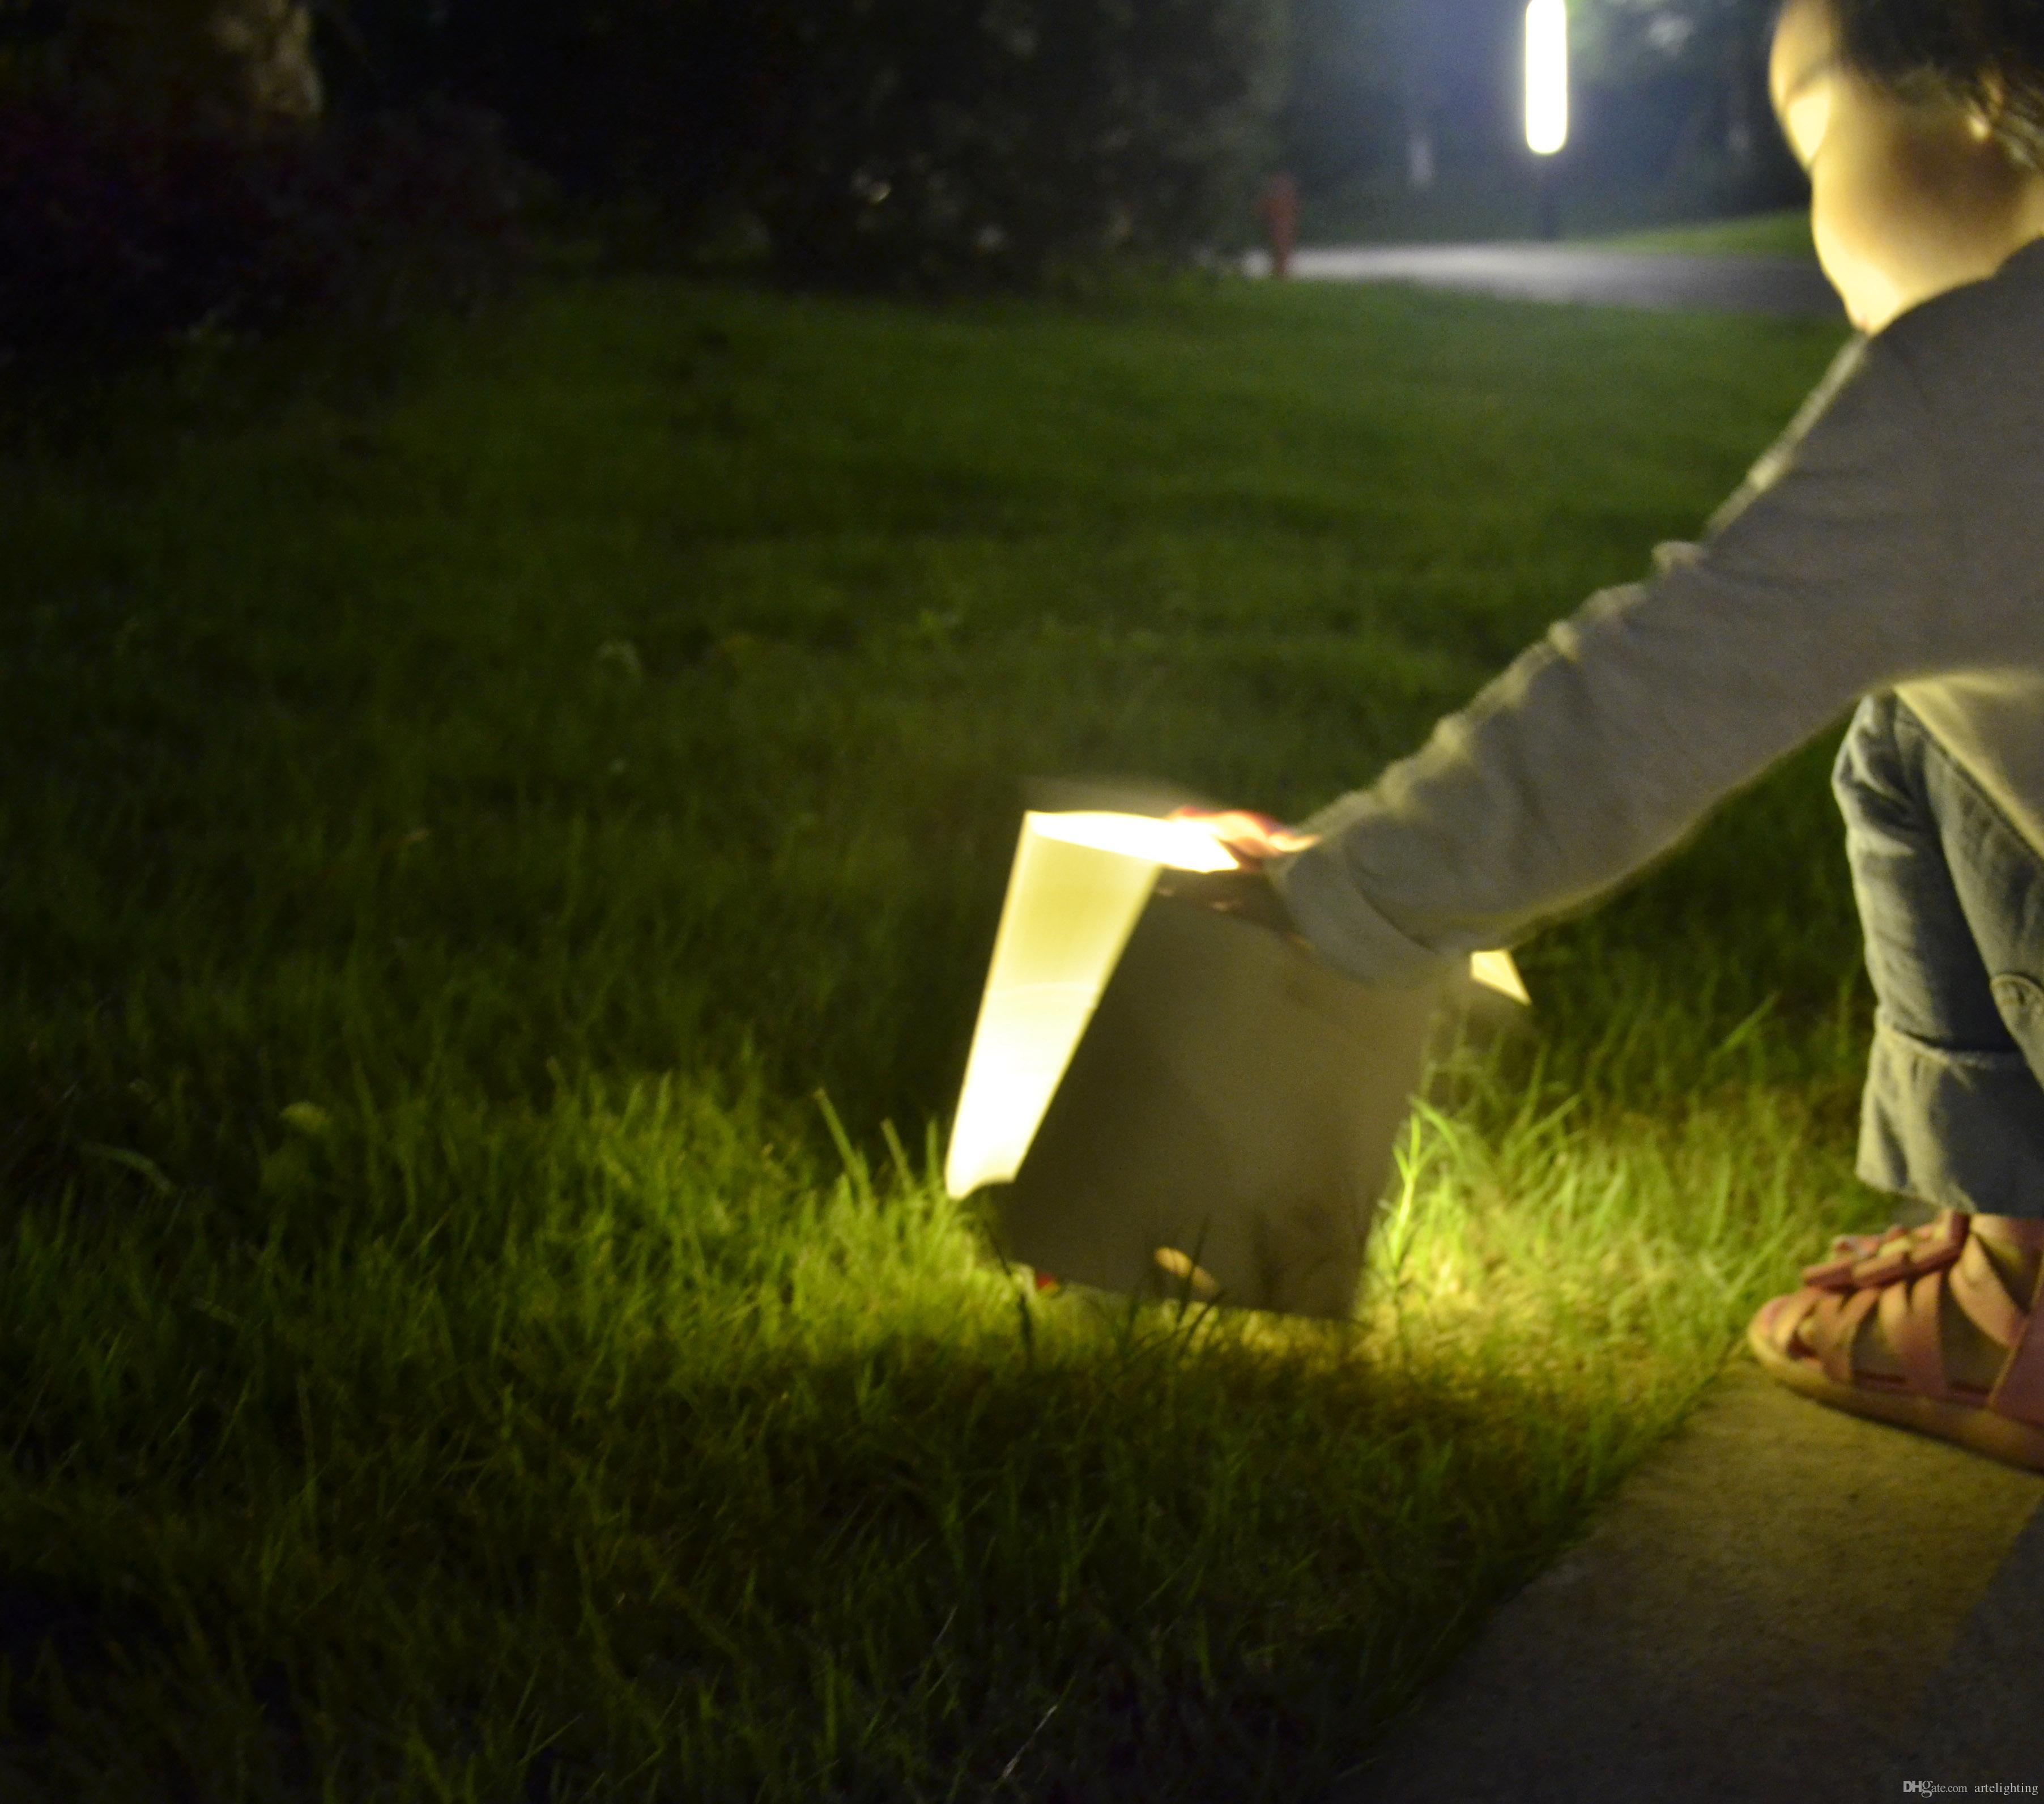 Baumstumpf Licht Resinart Riss Weihnachten Holz Dekor Nordic Innenbeleuchtung Garten 2019 Lampe Kerze Platz Harz Navidad Lumberjacks XZuOkiP